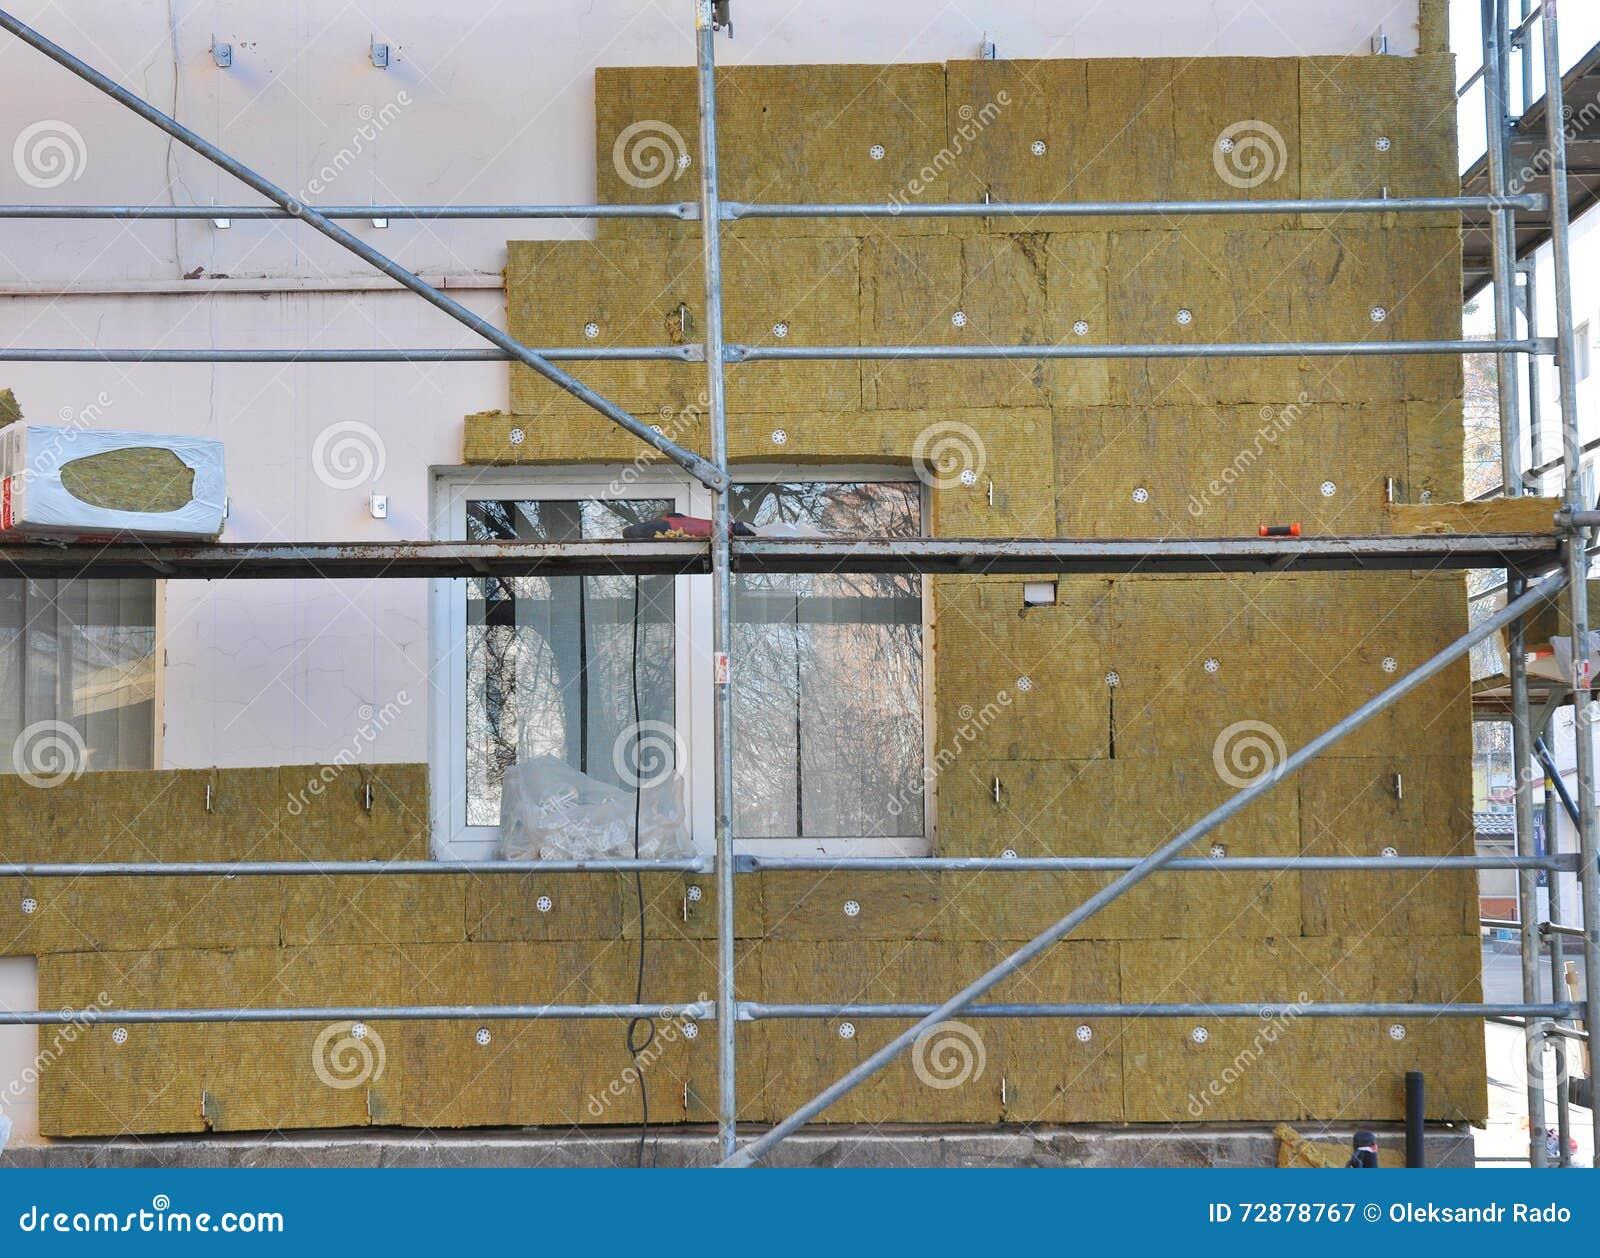 Haus Externe Wand Isolierung Mit Fiberglas Energiesparendes Konzept